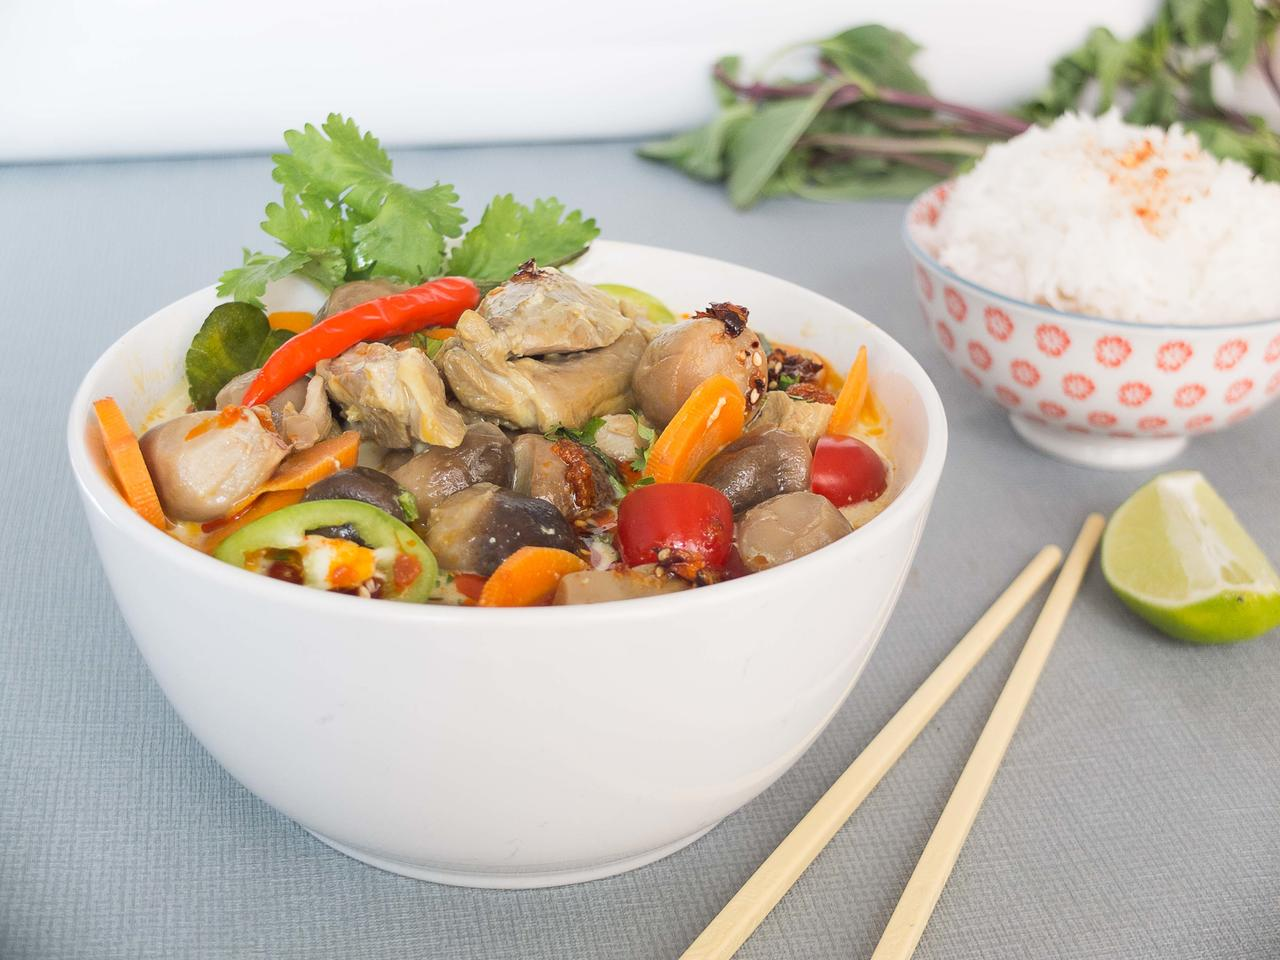 Tom Yam Kung poulet : soupe au lait de coco cuisiné par Thao-Suong